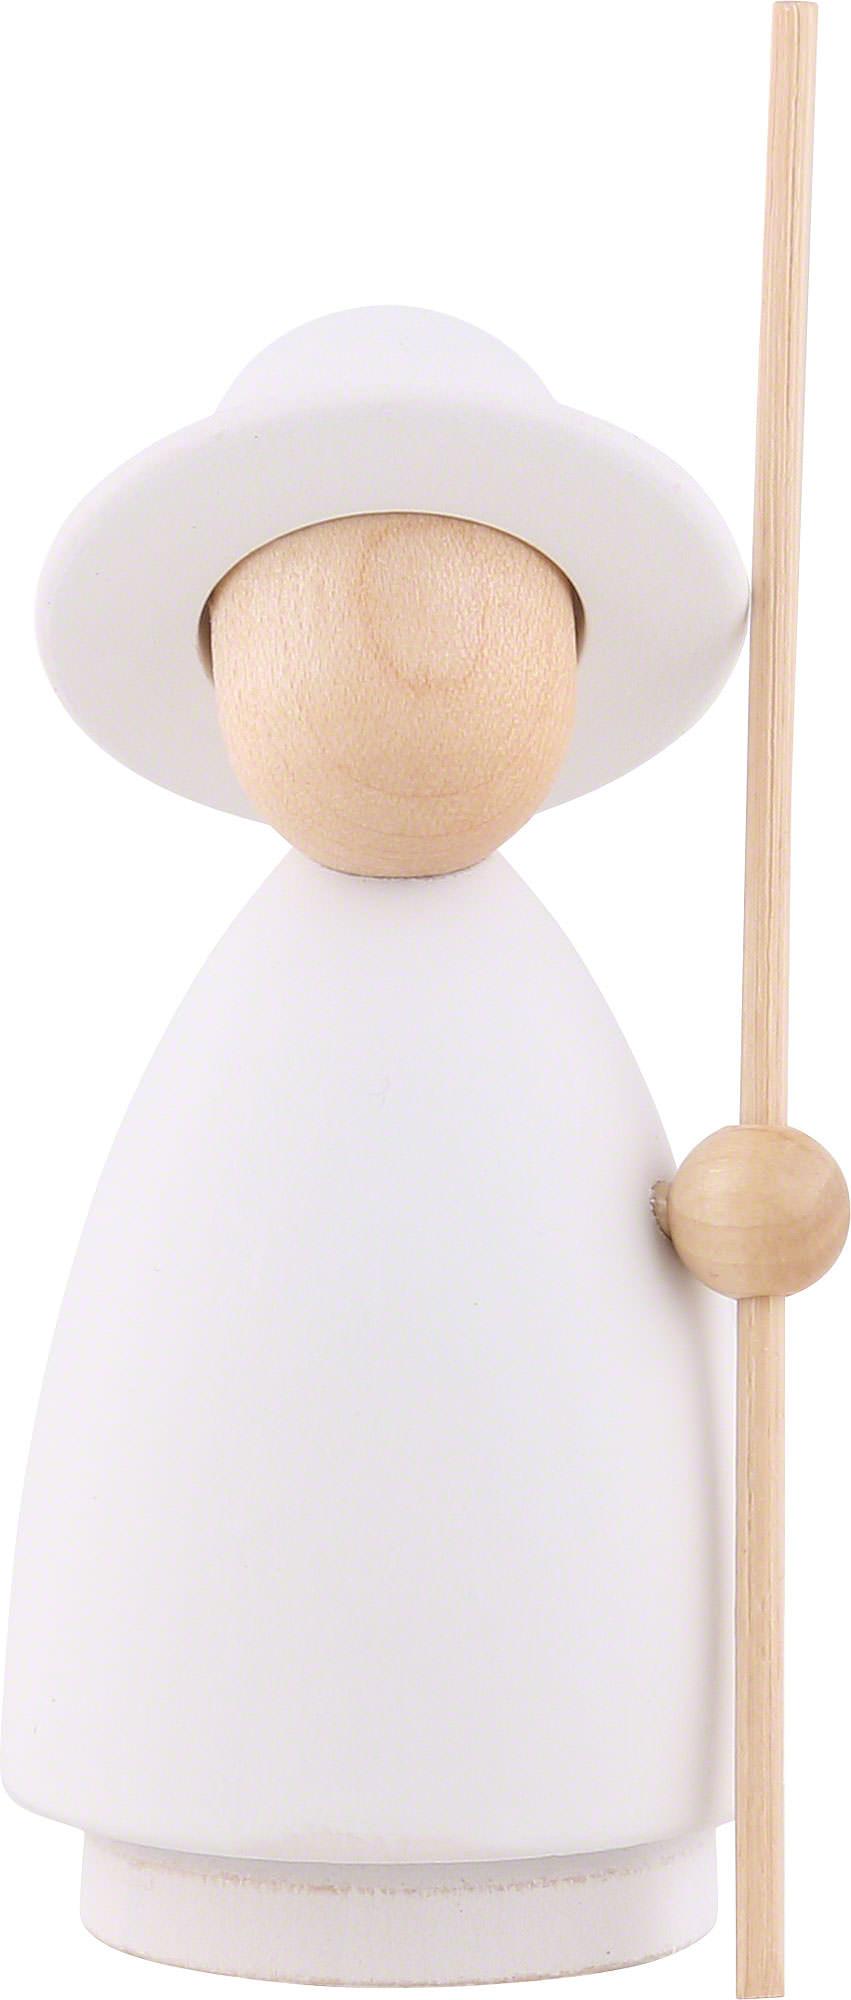 shepherd modern white natural large 10 cm by hennig figuren. Black Bedroom Furniture Sets. Home Design Ideas